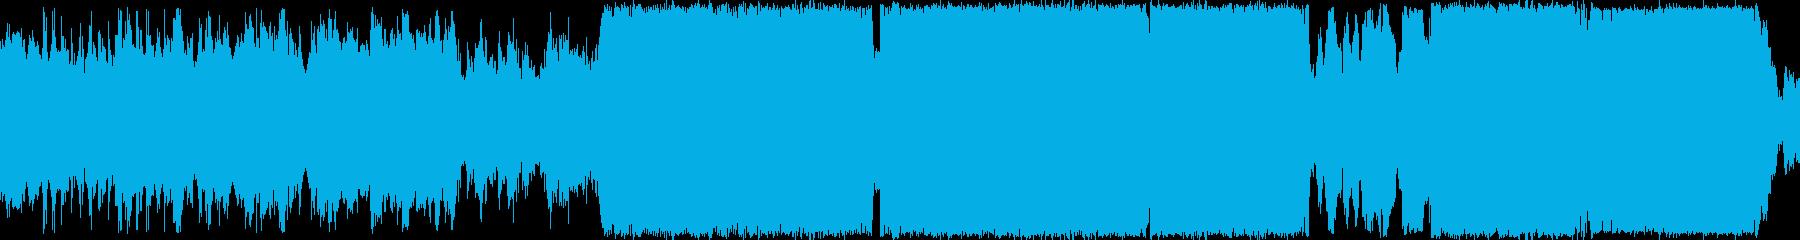 プログレッシブハウス。部族。の再生済みの波形